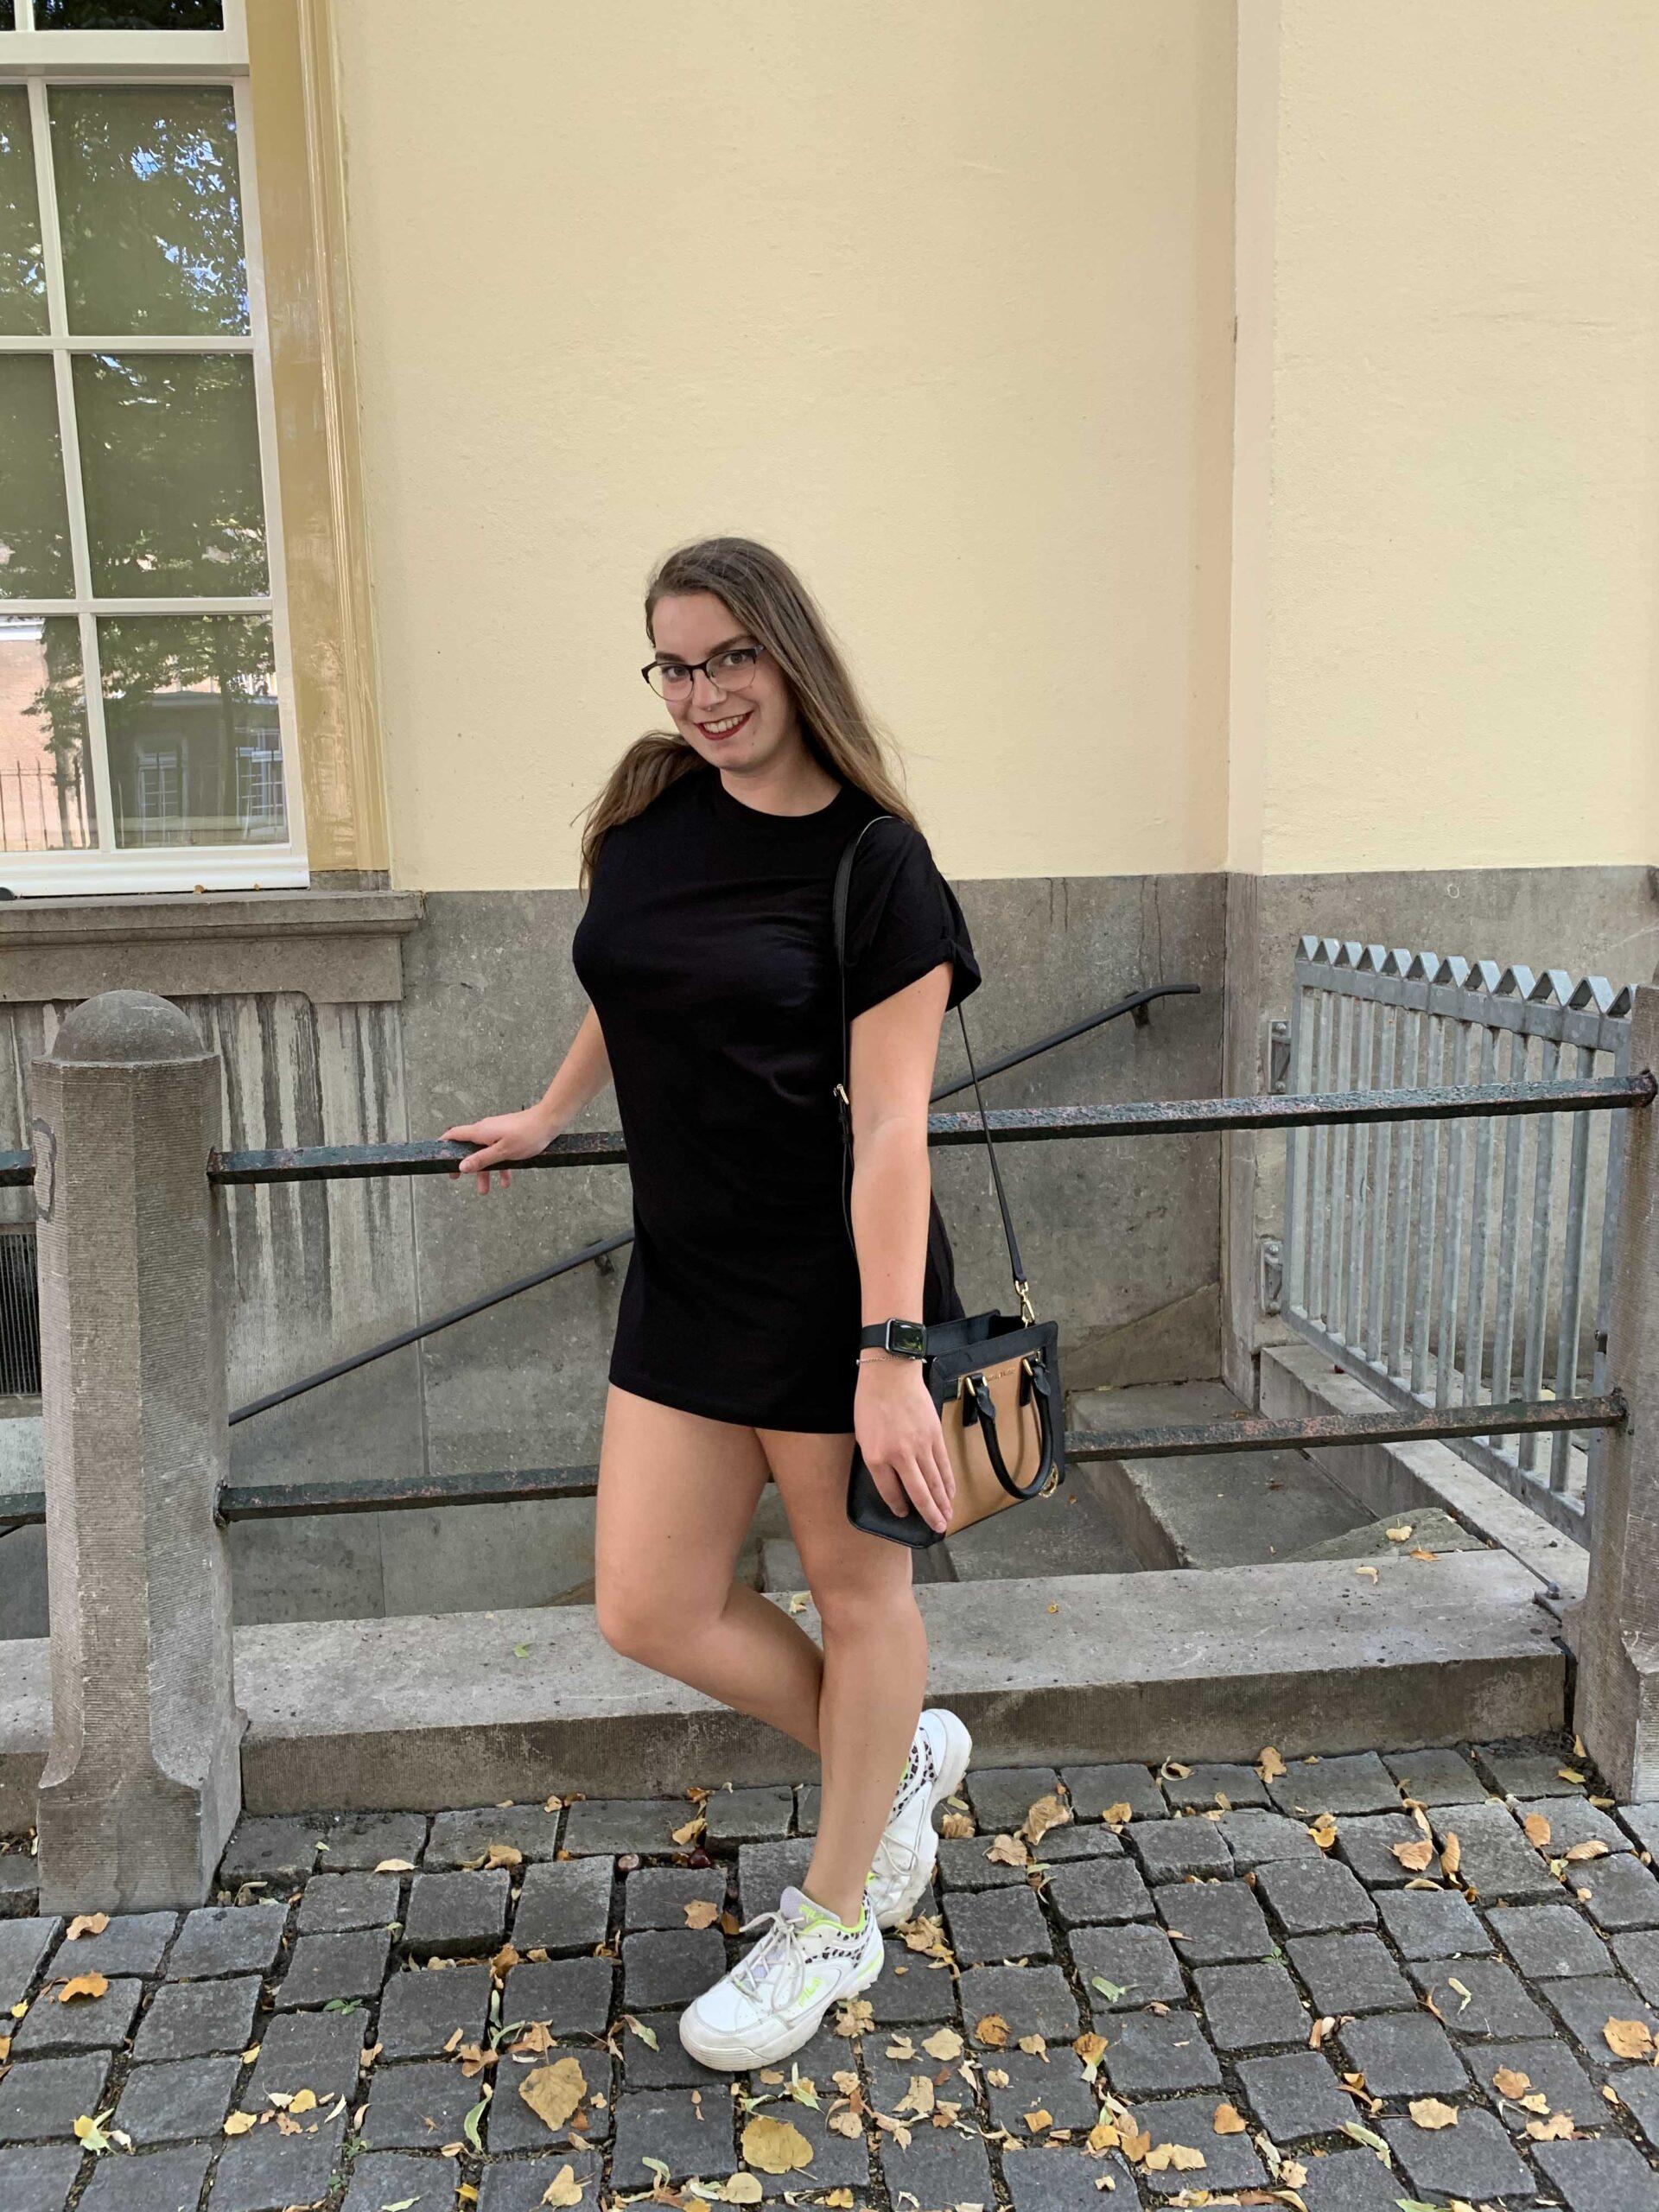 Eveline Teunissen